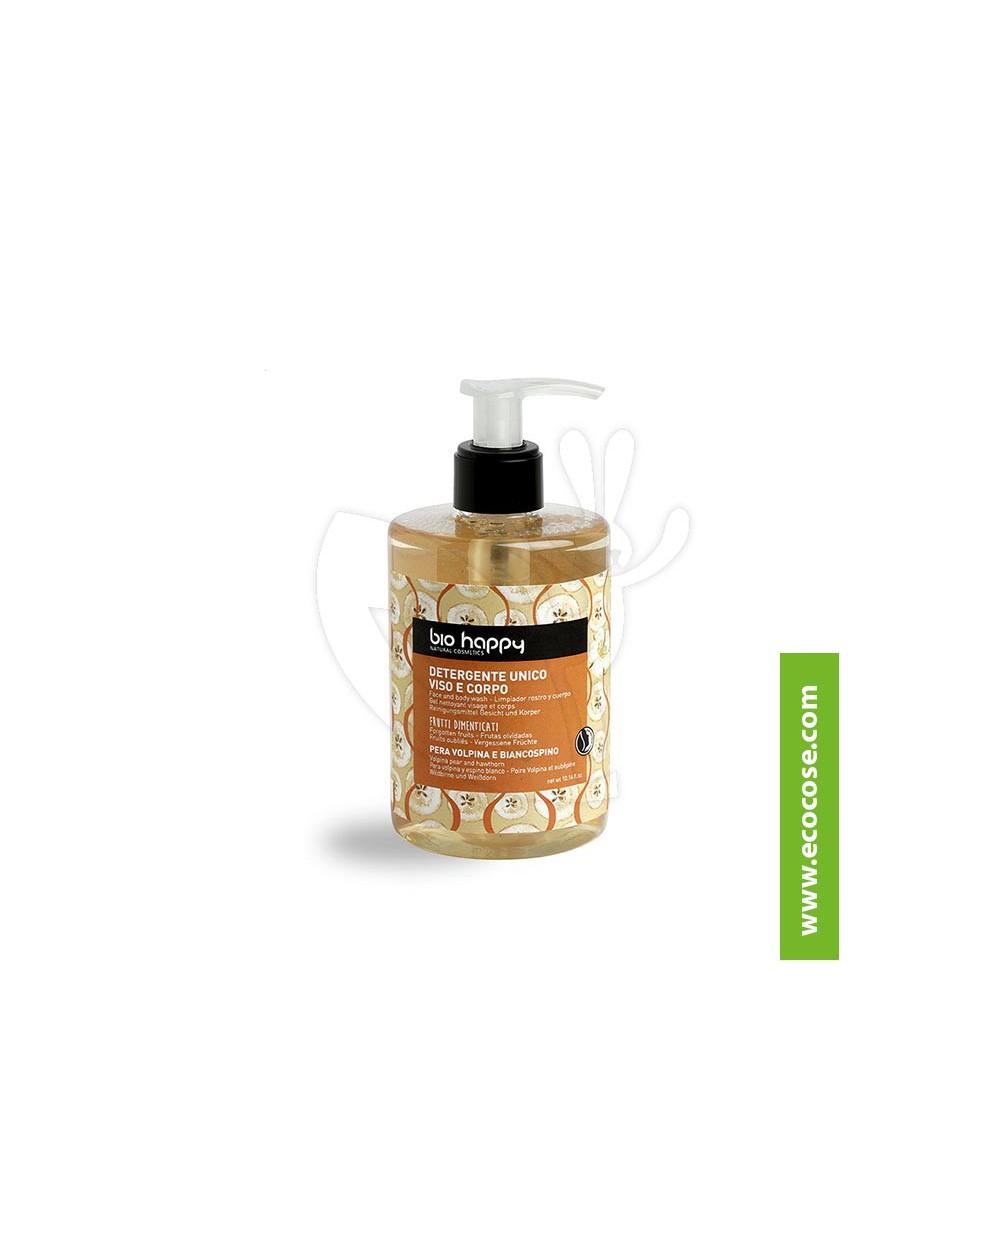 Bio Happy - Detergente unico viso corpo Pera volpina e Biancospino